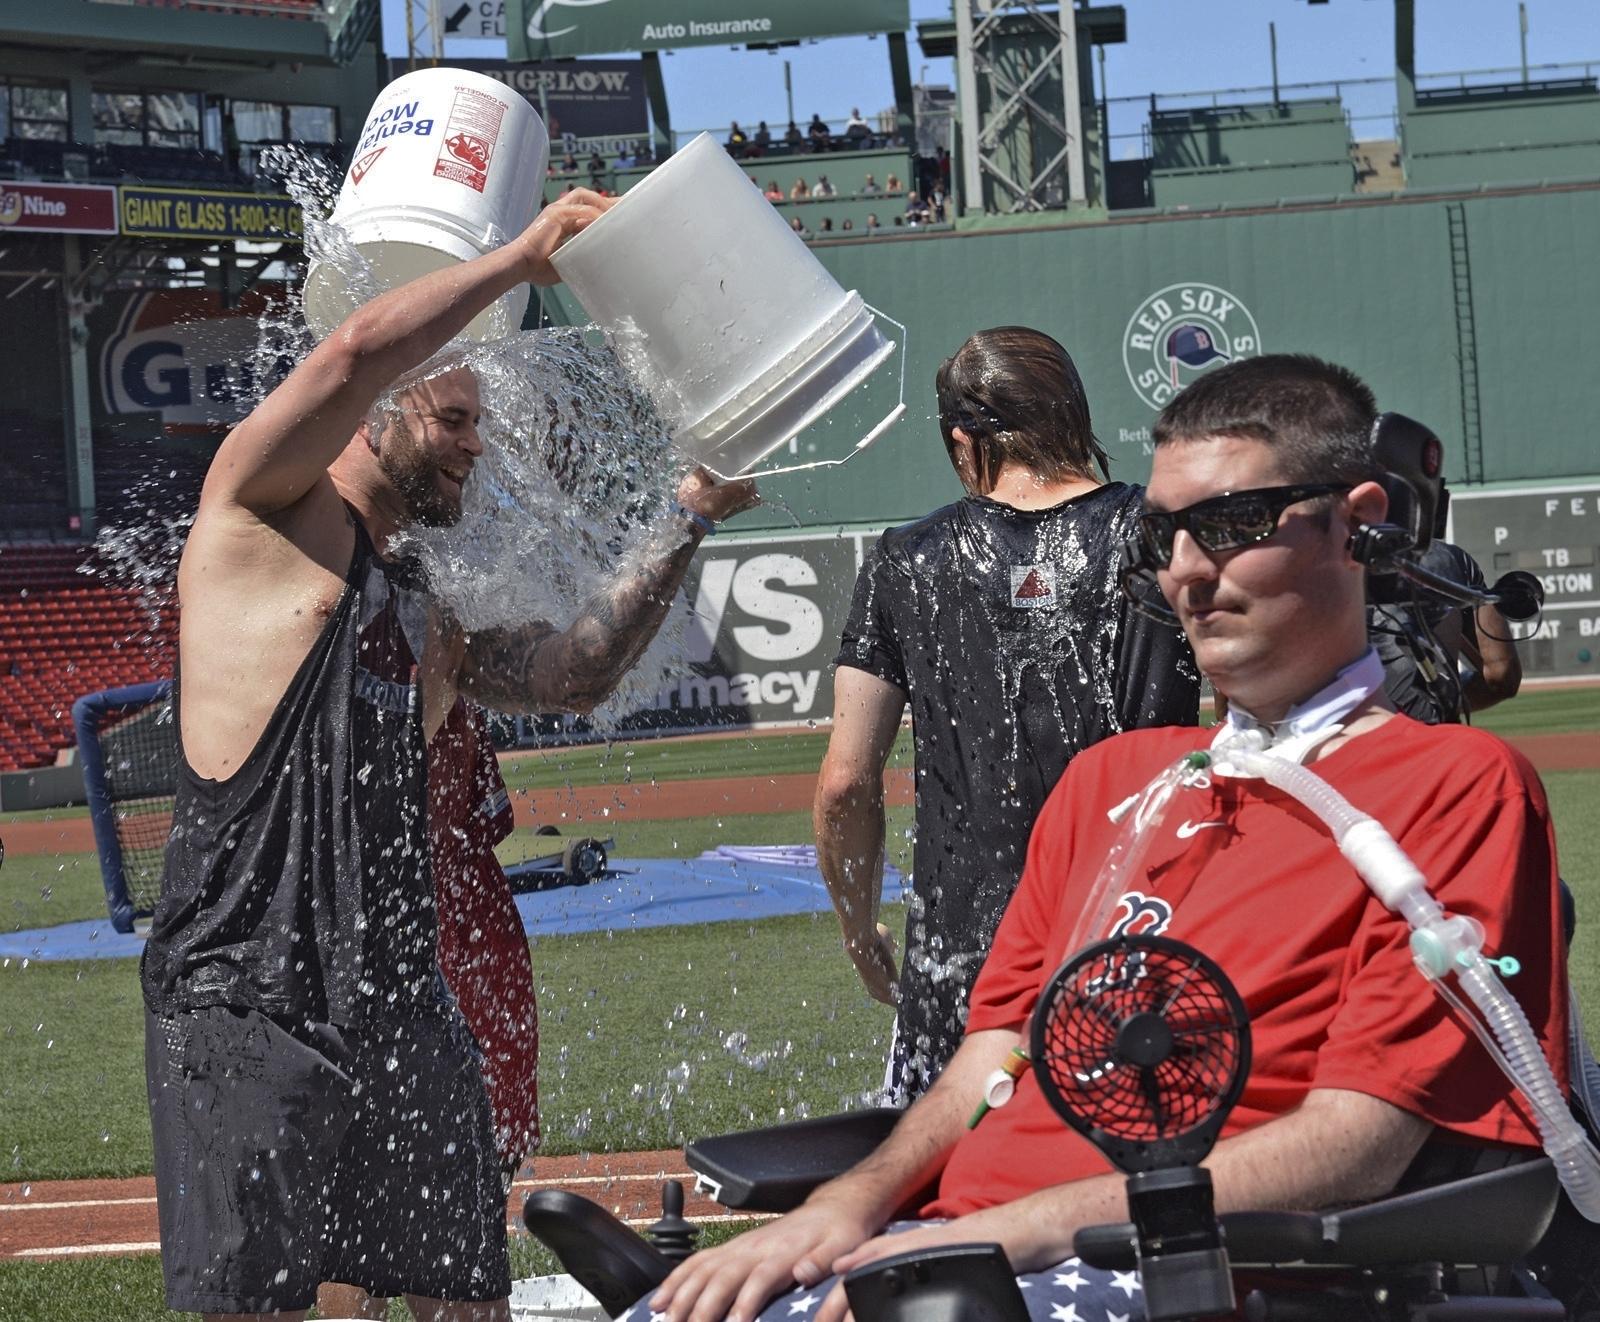 2015년 7월 31일 펜웨이파크에서 피트 프레이츠가 참석한 가운데 보스턴 레드삭스 선수들이 '아이스버킷 챌린지'에 참가하고 있다. [AP=연합뉴스]